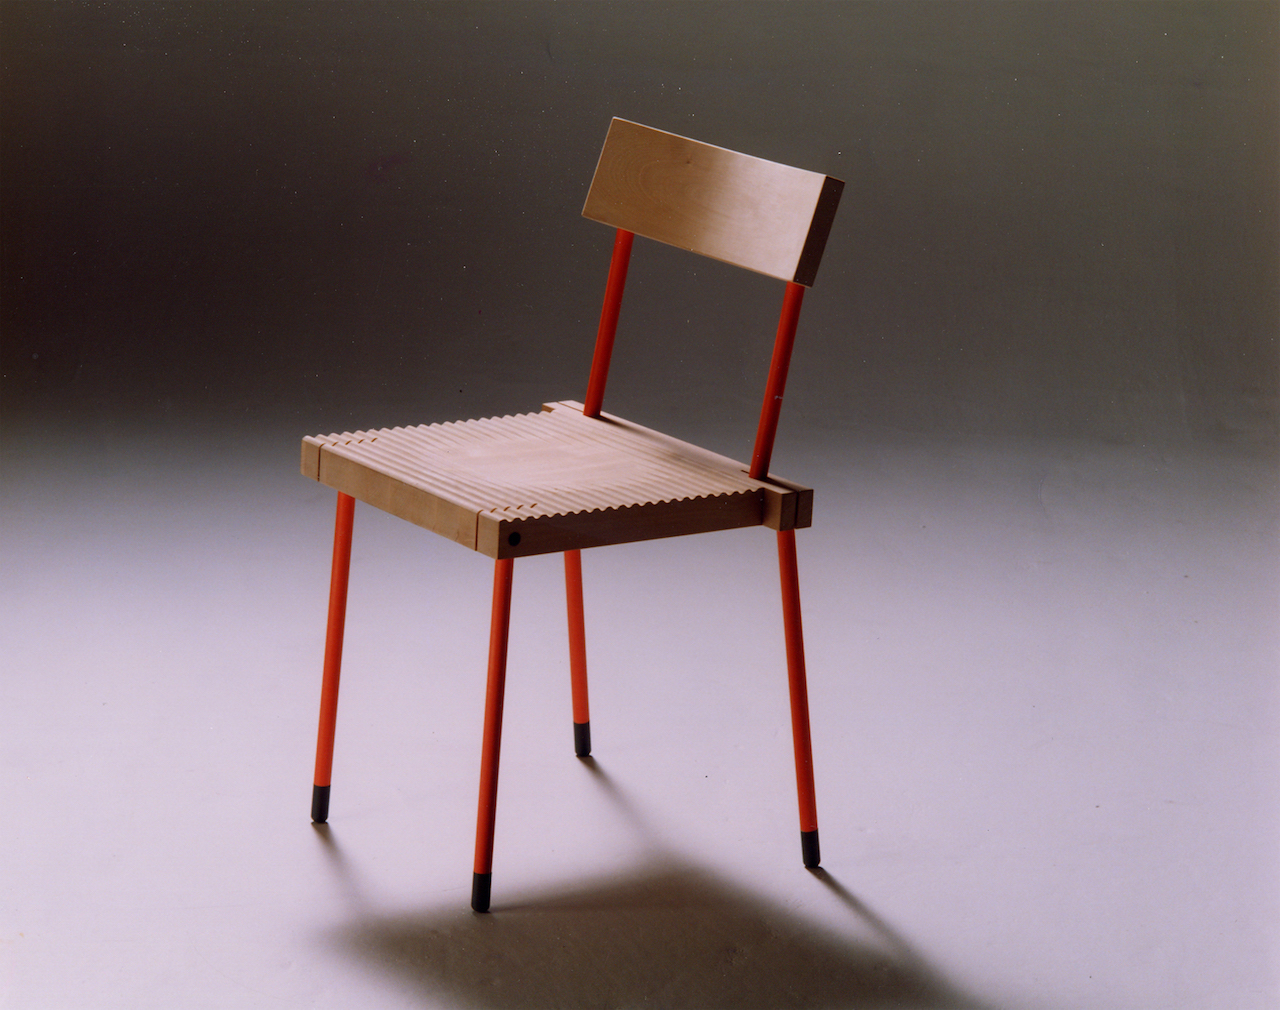 賞金は300万円。IFDA 国際家具デザインコンペティション旭川2020の募集が6/1から開始